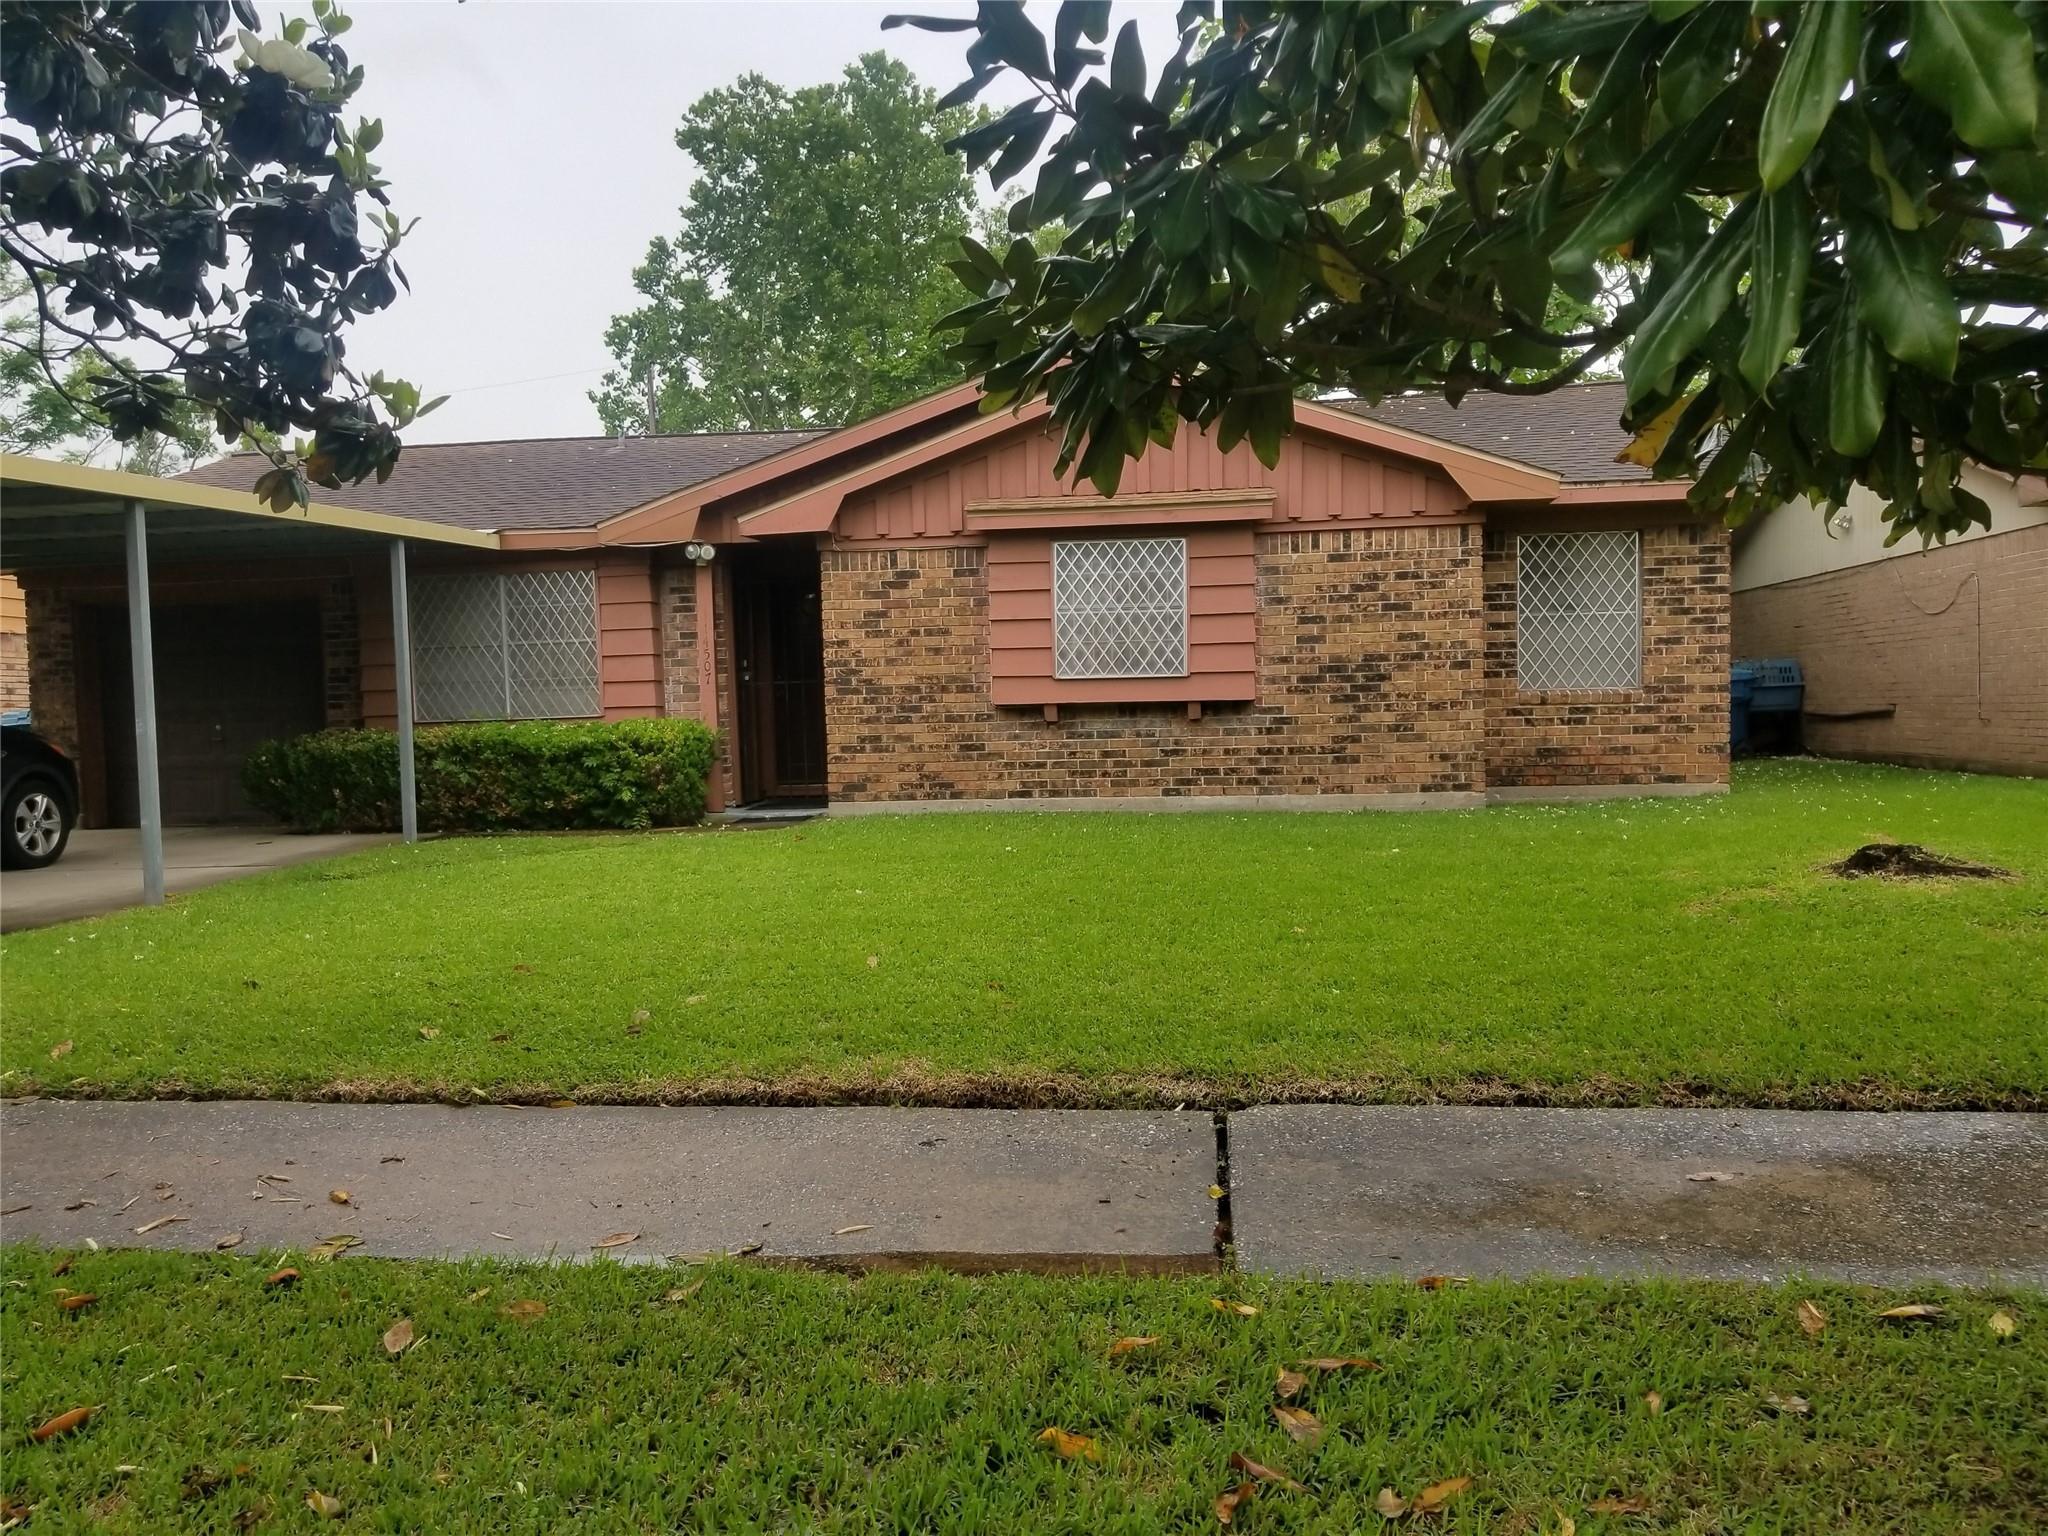 Almeda Manor Sec 02 Real Estate Listings Main Image